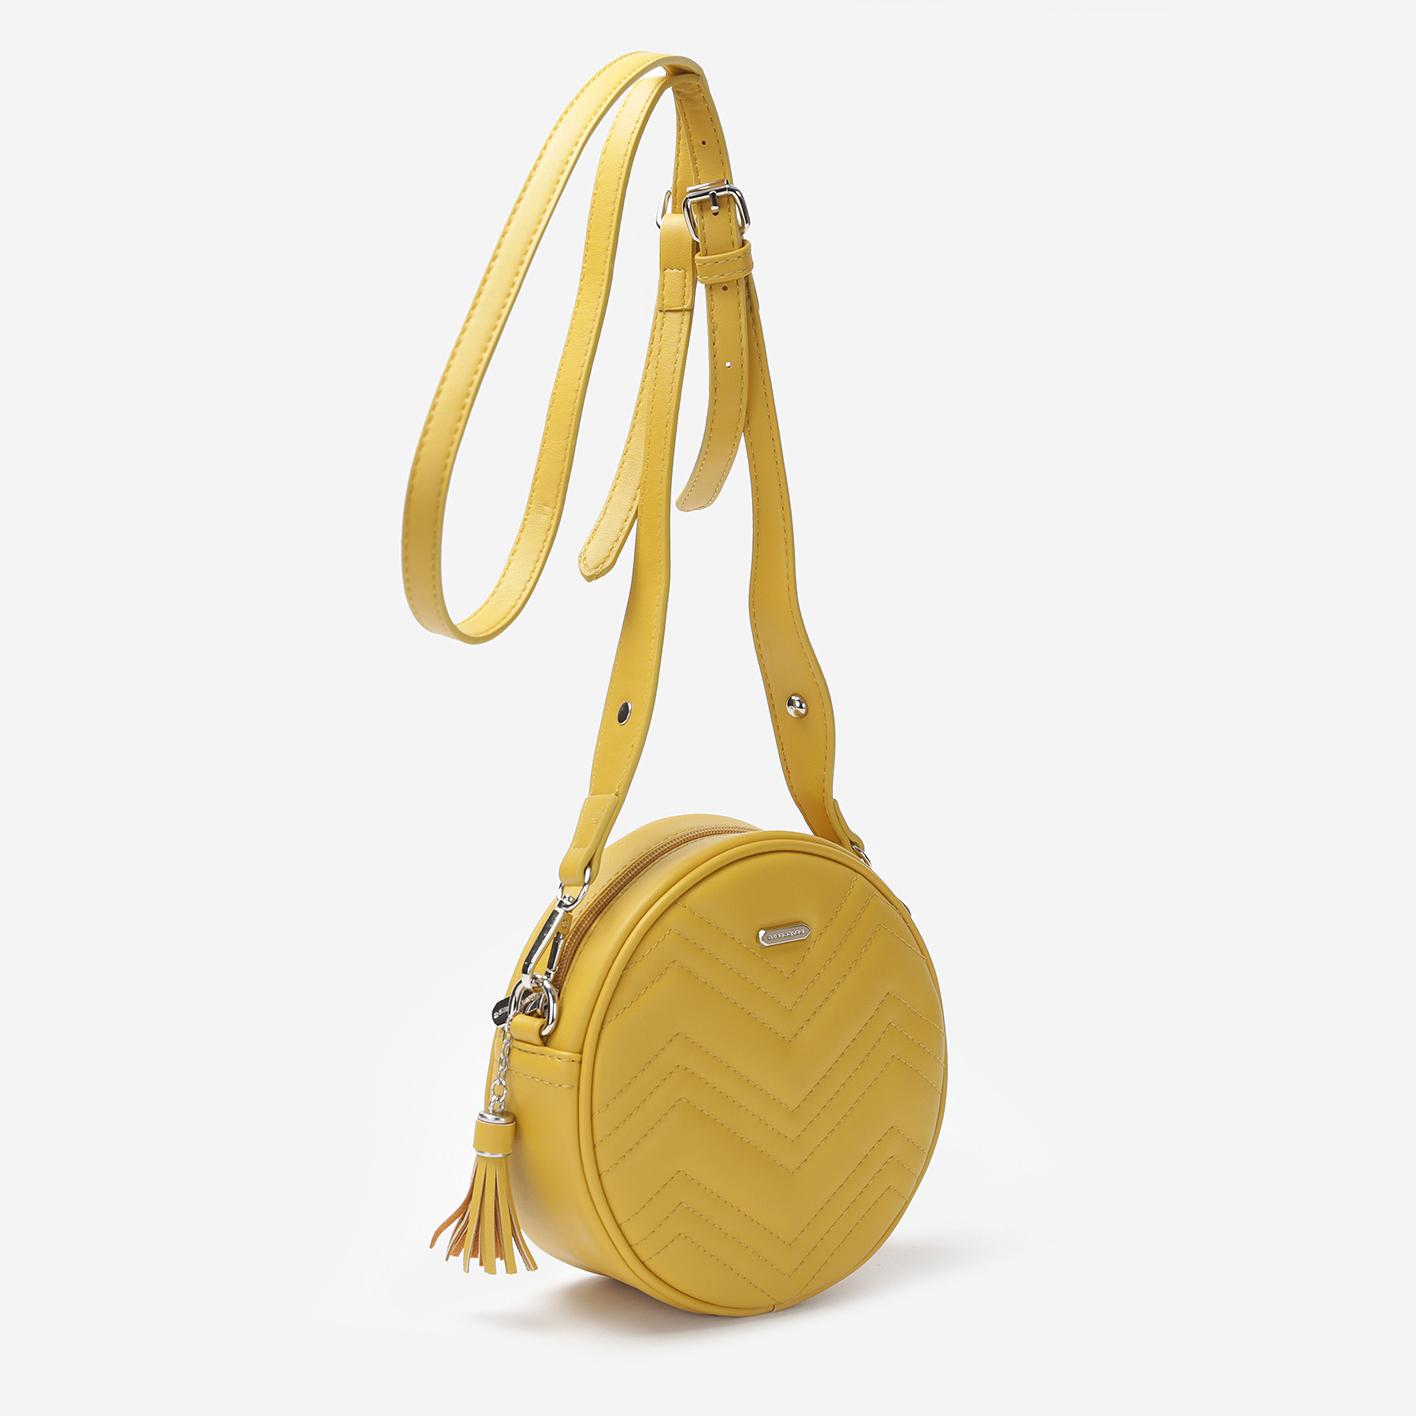 کیف رو دوشی زنانه دیوید جونز مدل 6229-1